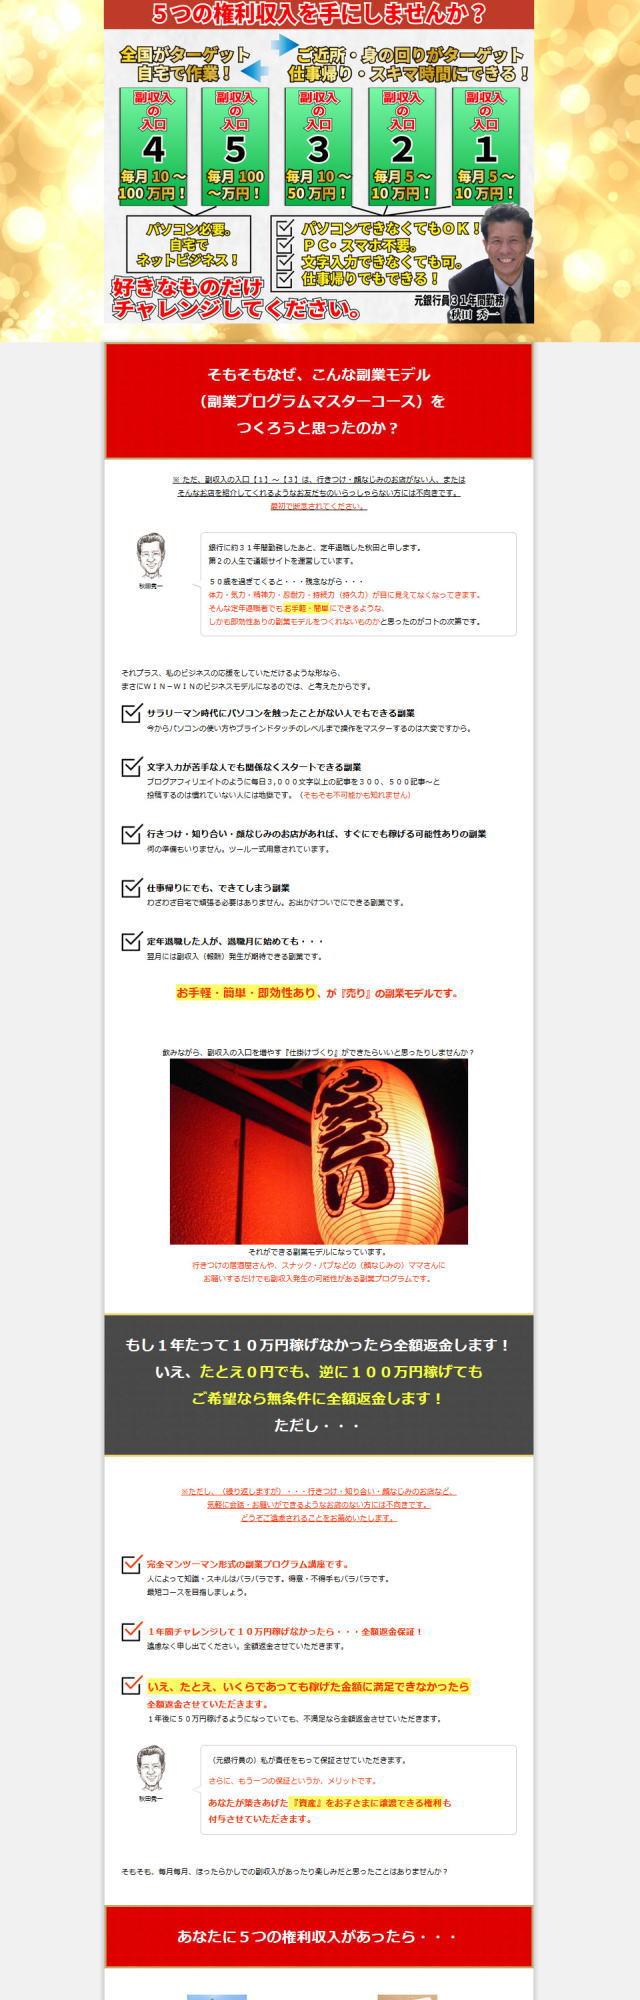 プロダクトローンチ・セールスレターのイメージ画像